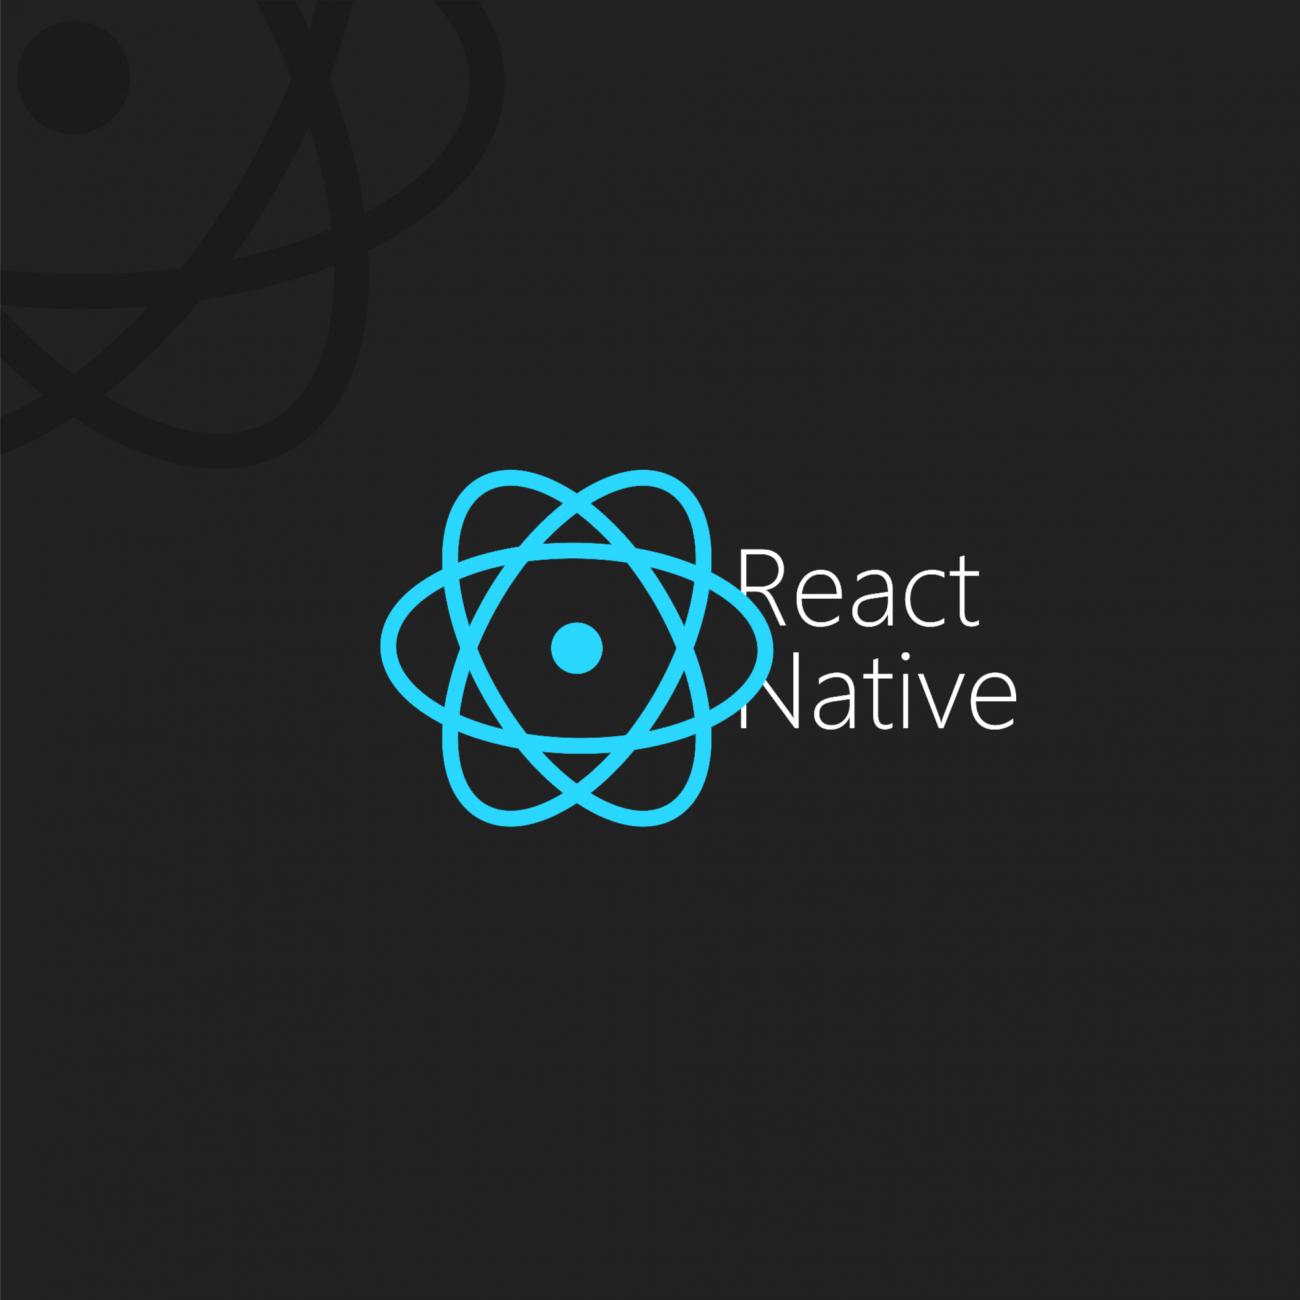 ReactNative